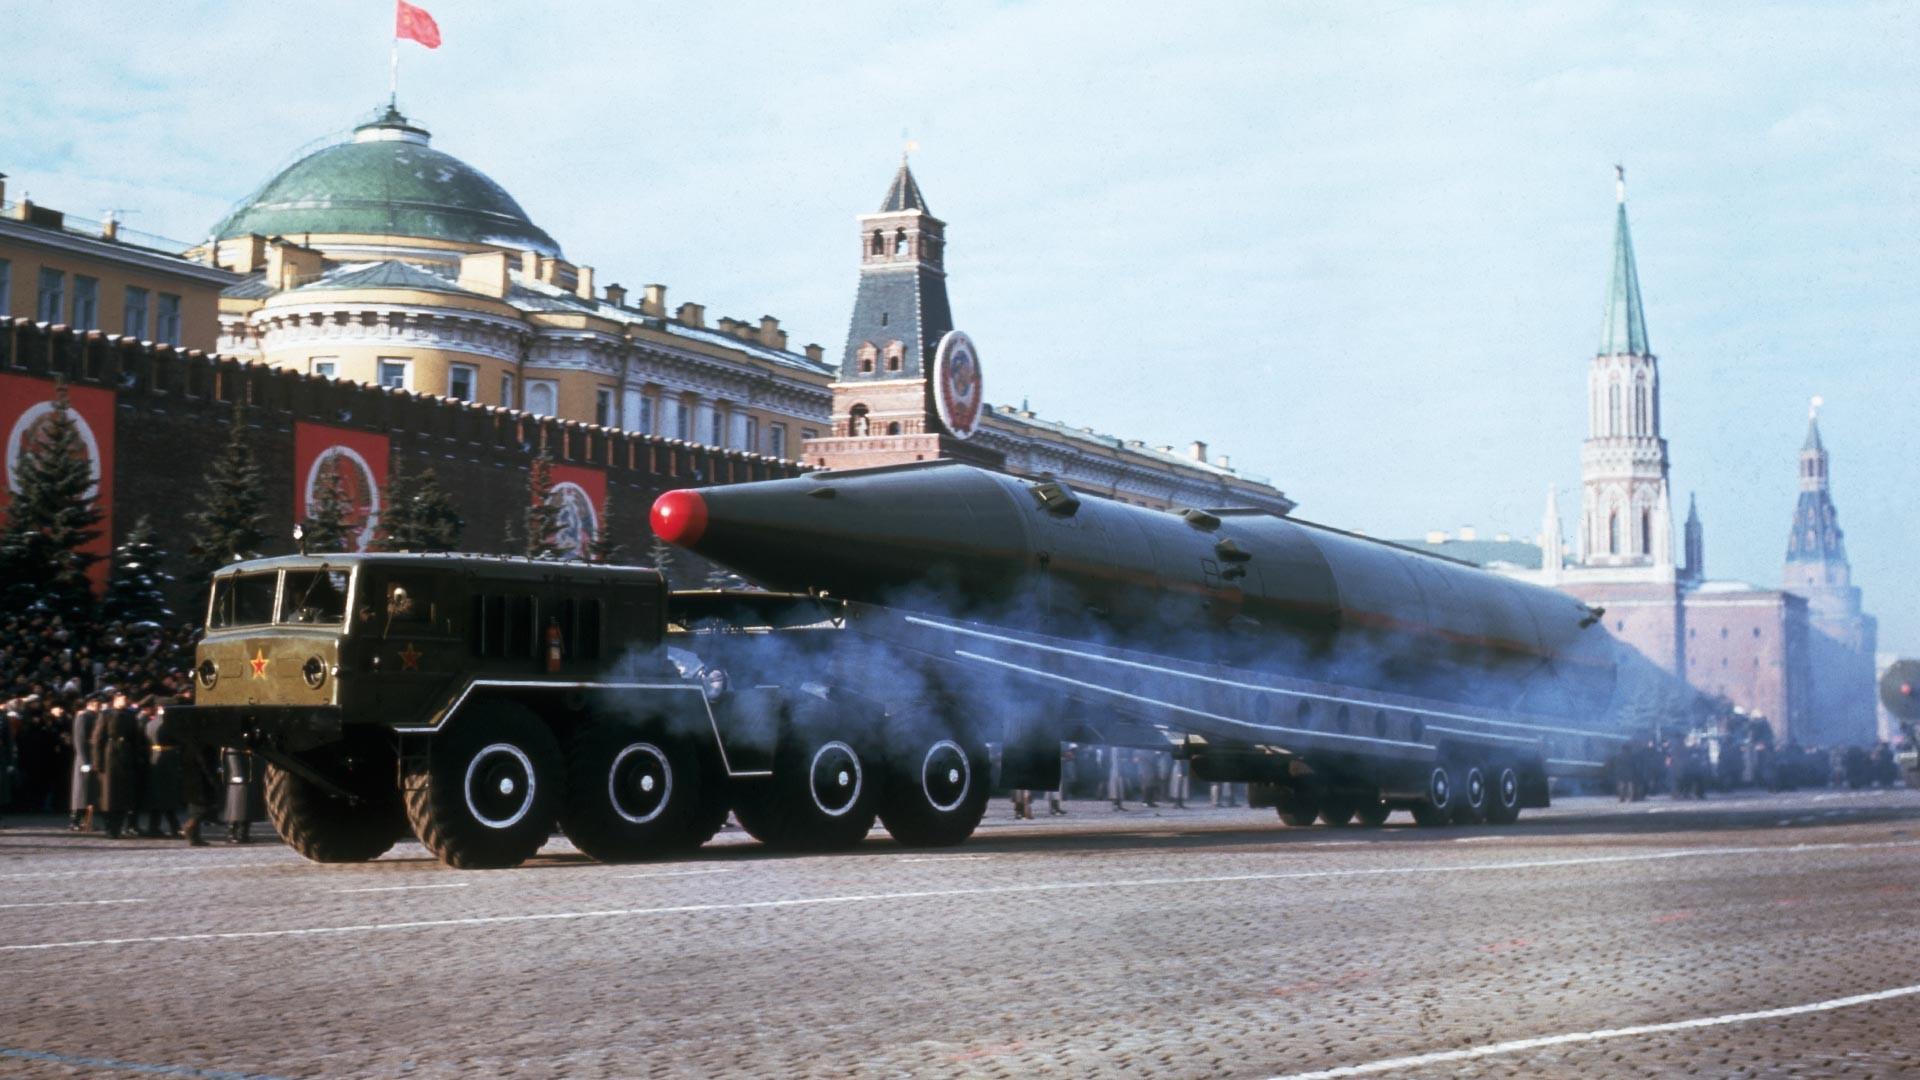 Совјетска балистичка ракета испред Кремља на паради поводом 50. годишњице Октобарске револуције.